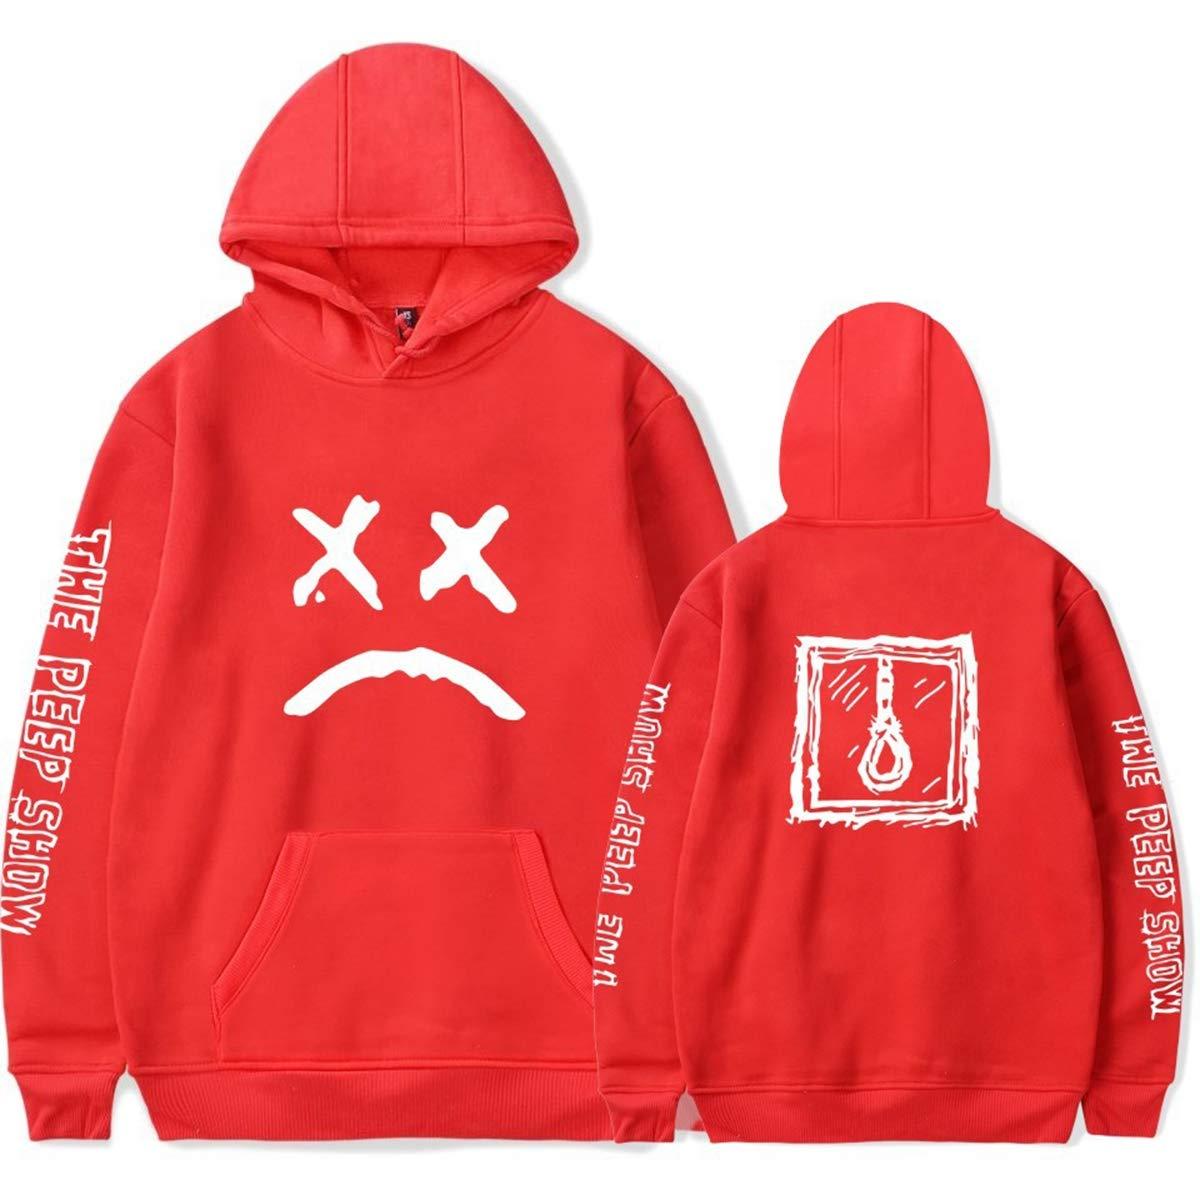 Imzoeyff Der Hoodie der Art- und Weisemänner beiläufiger Jumper Lil Peep Rapper-Hip-Hop-Entwurfs-mit Kapuze Pullover